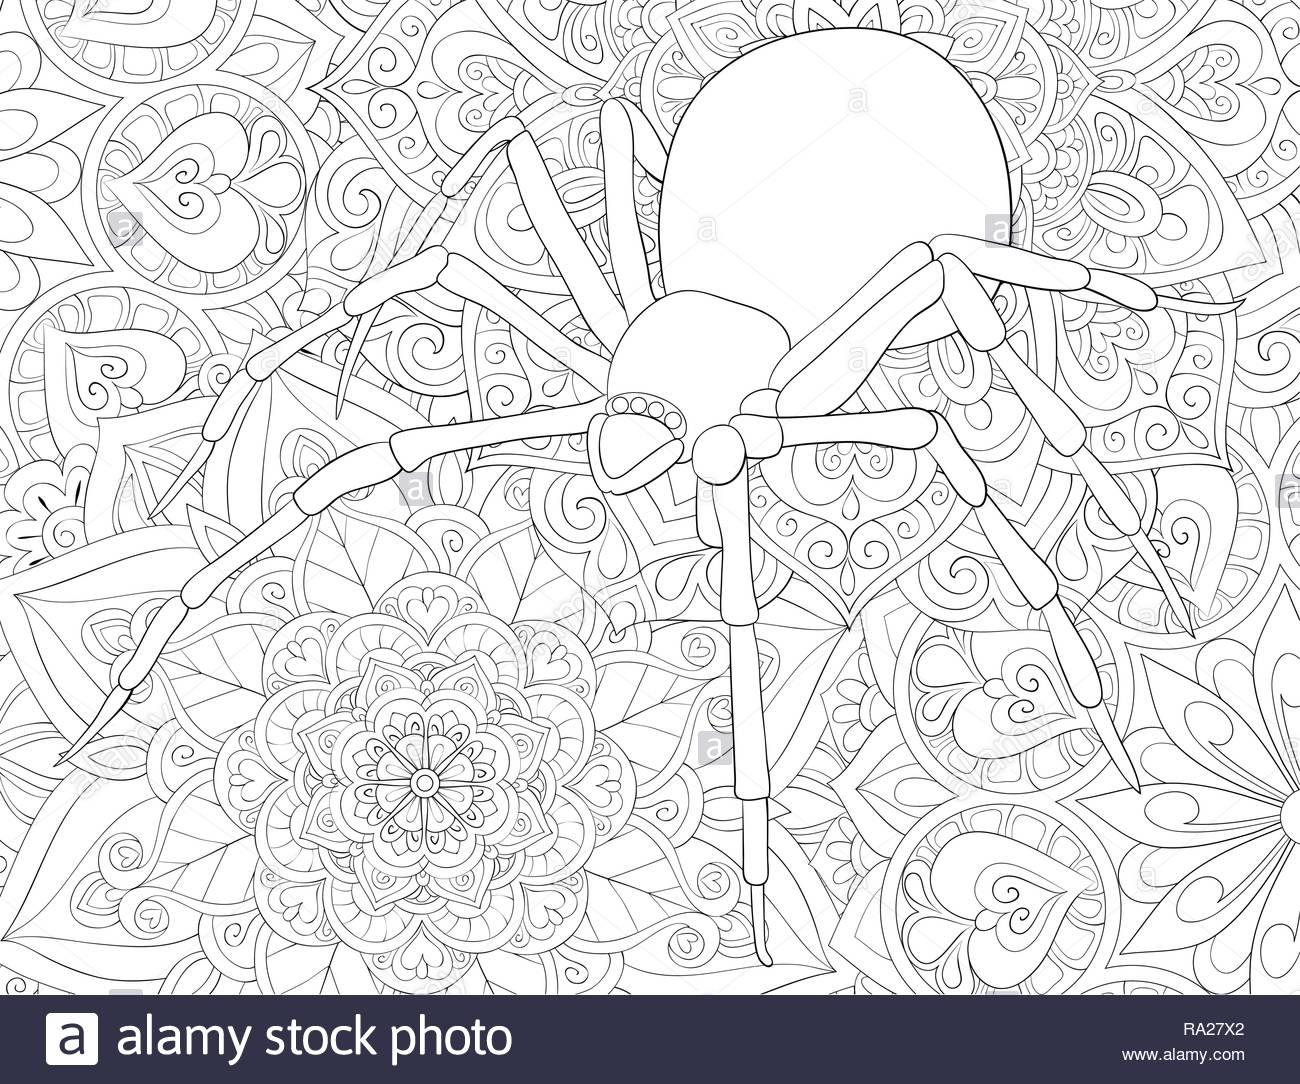 Un Mono Araña En La Imagen De Fondo Abstracto Para Actividad